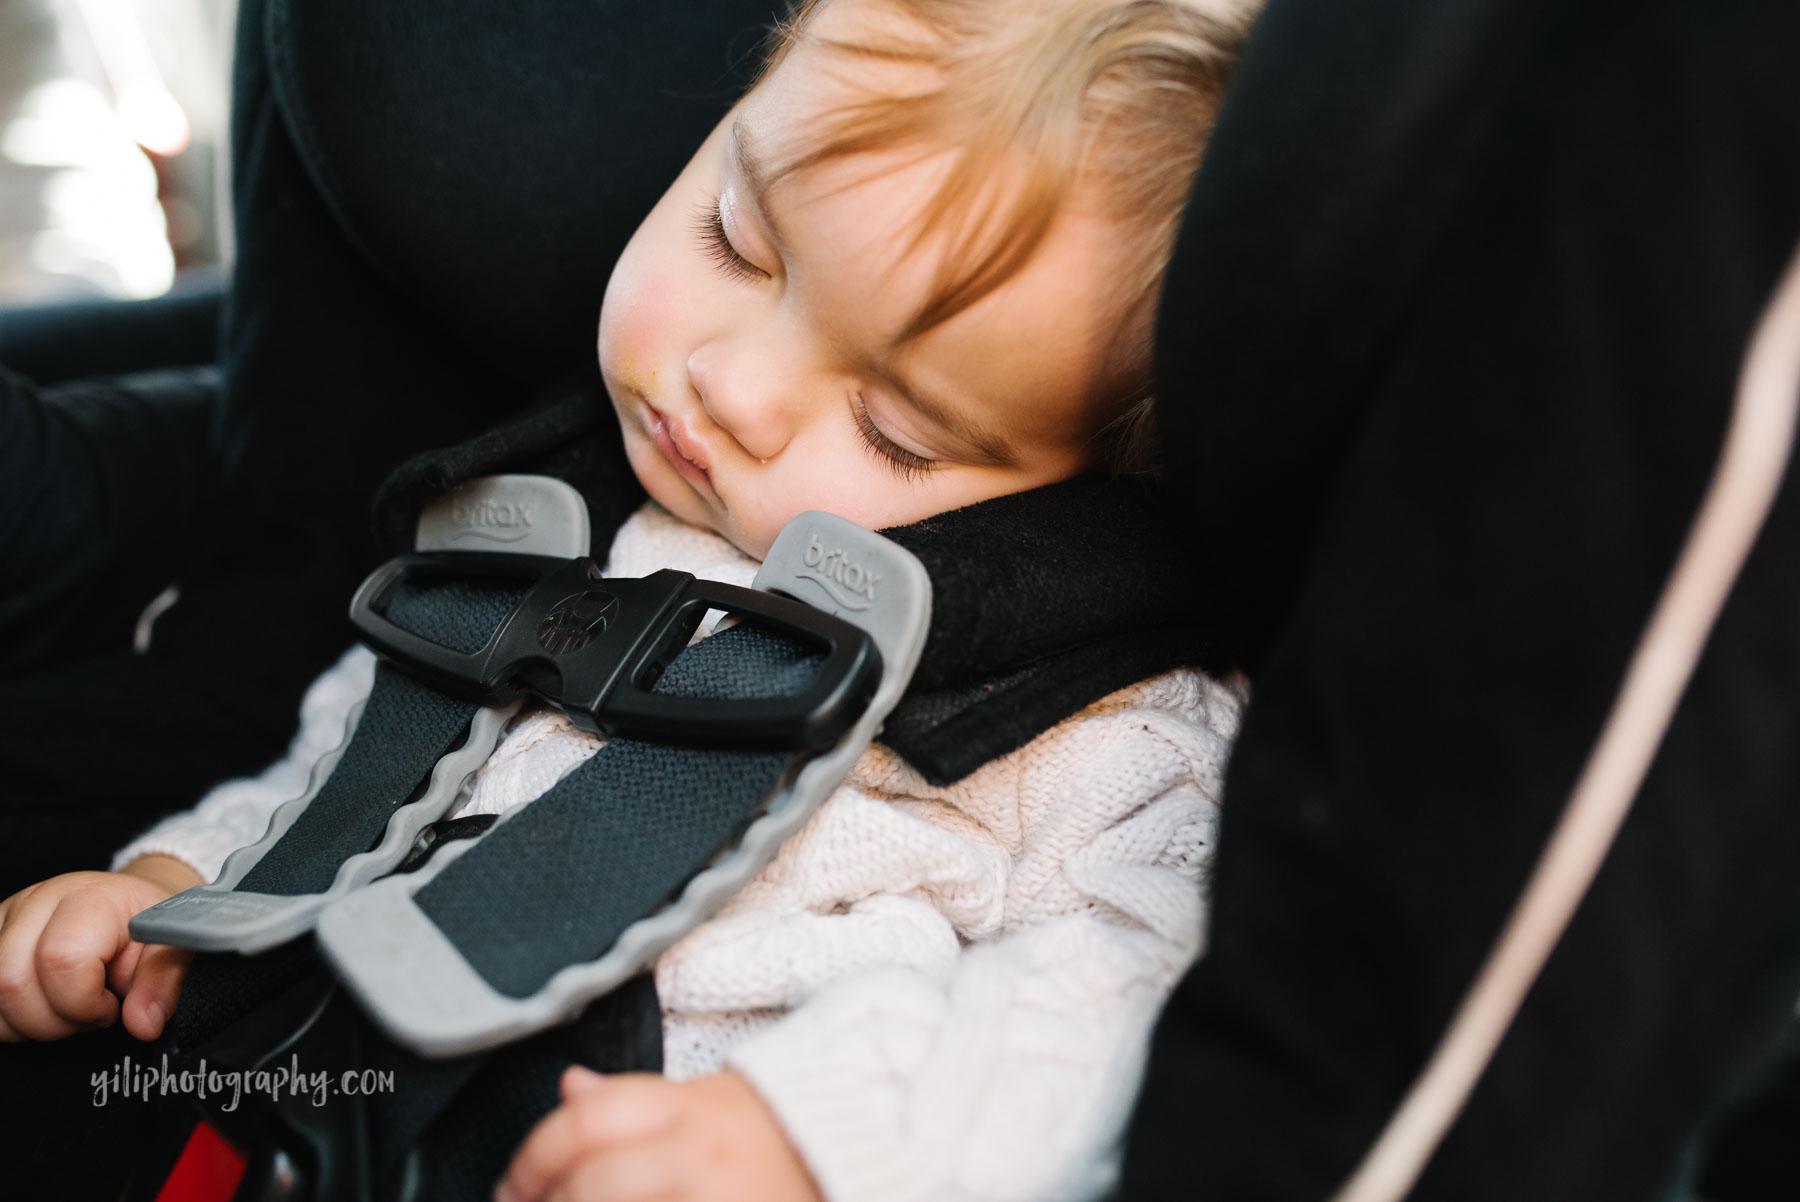 Toddler girl with long eyelashes asleep in carseat